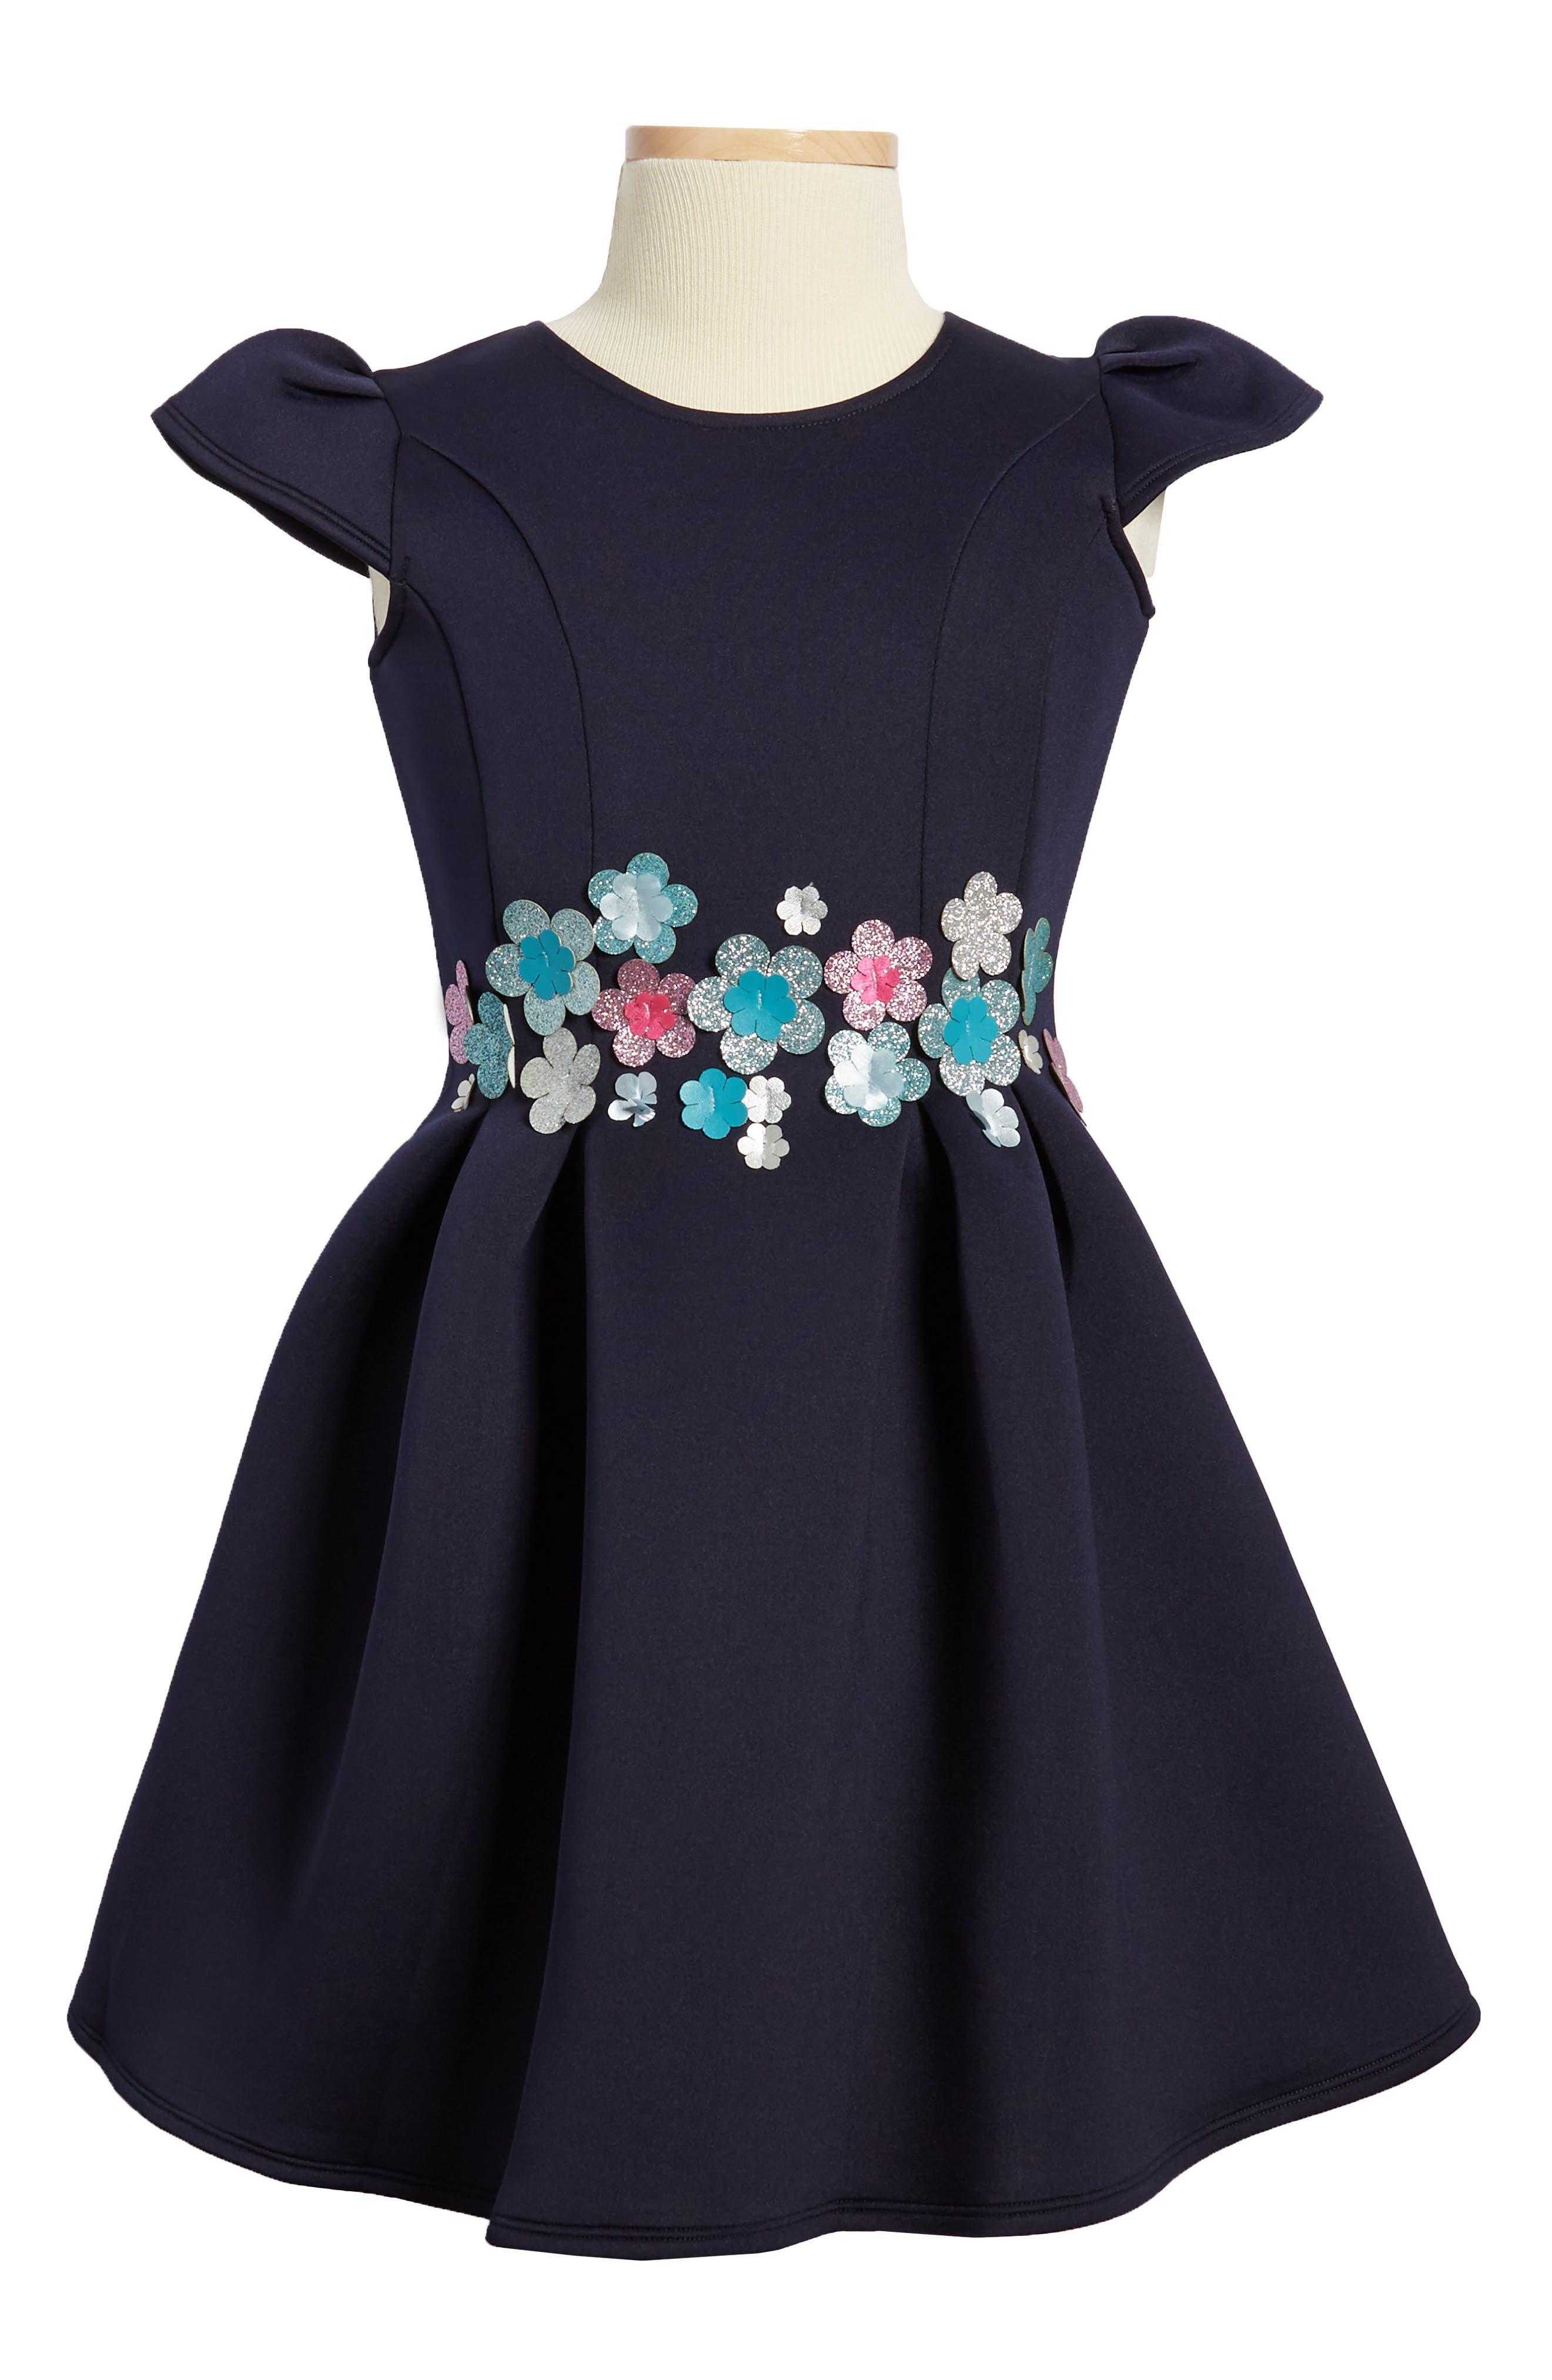 Main Image - Halabaloo Bouquet Scuba Dress (Toddler Girls, Little Girls & Big Girls)